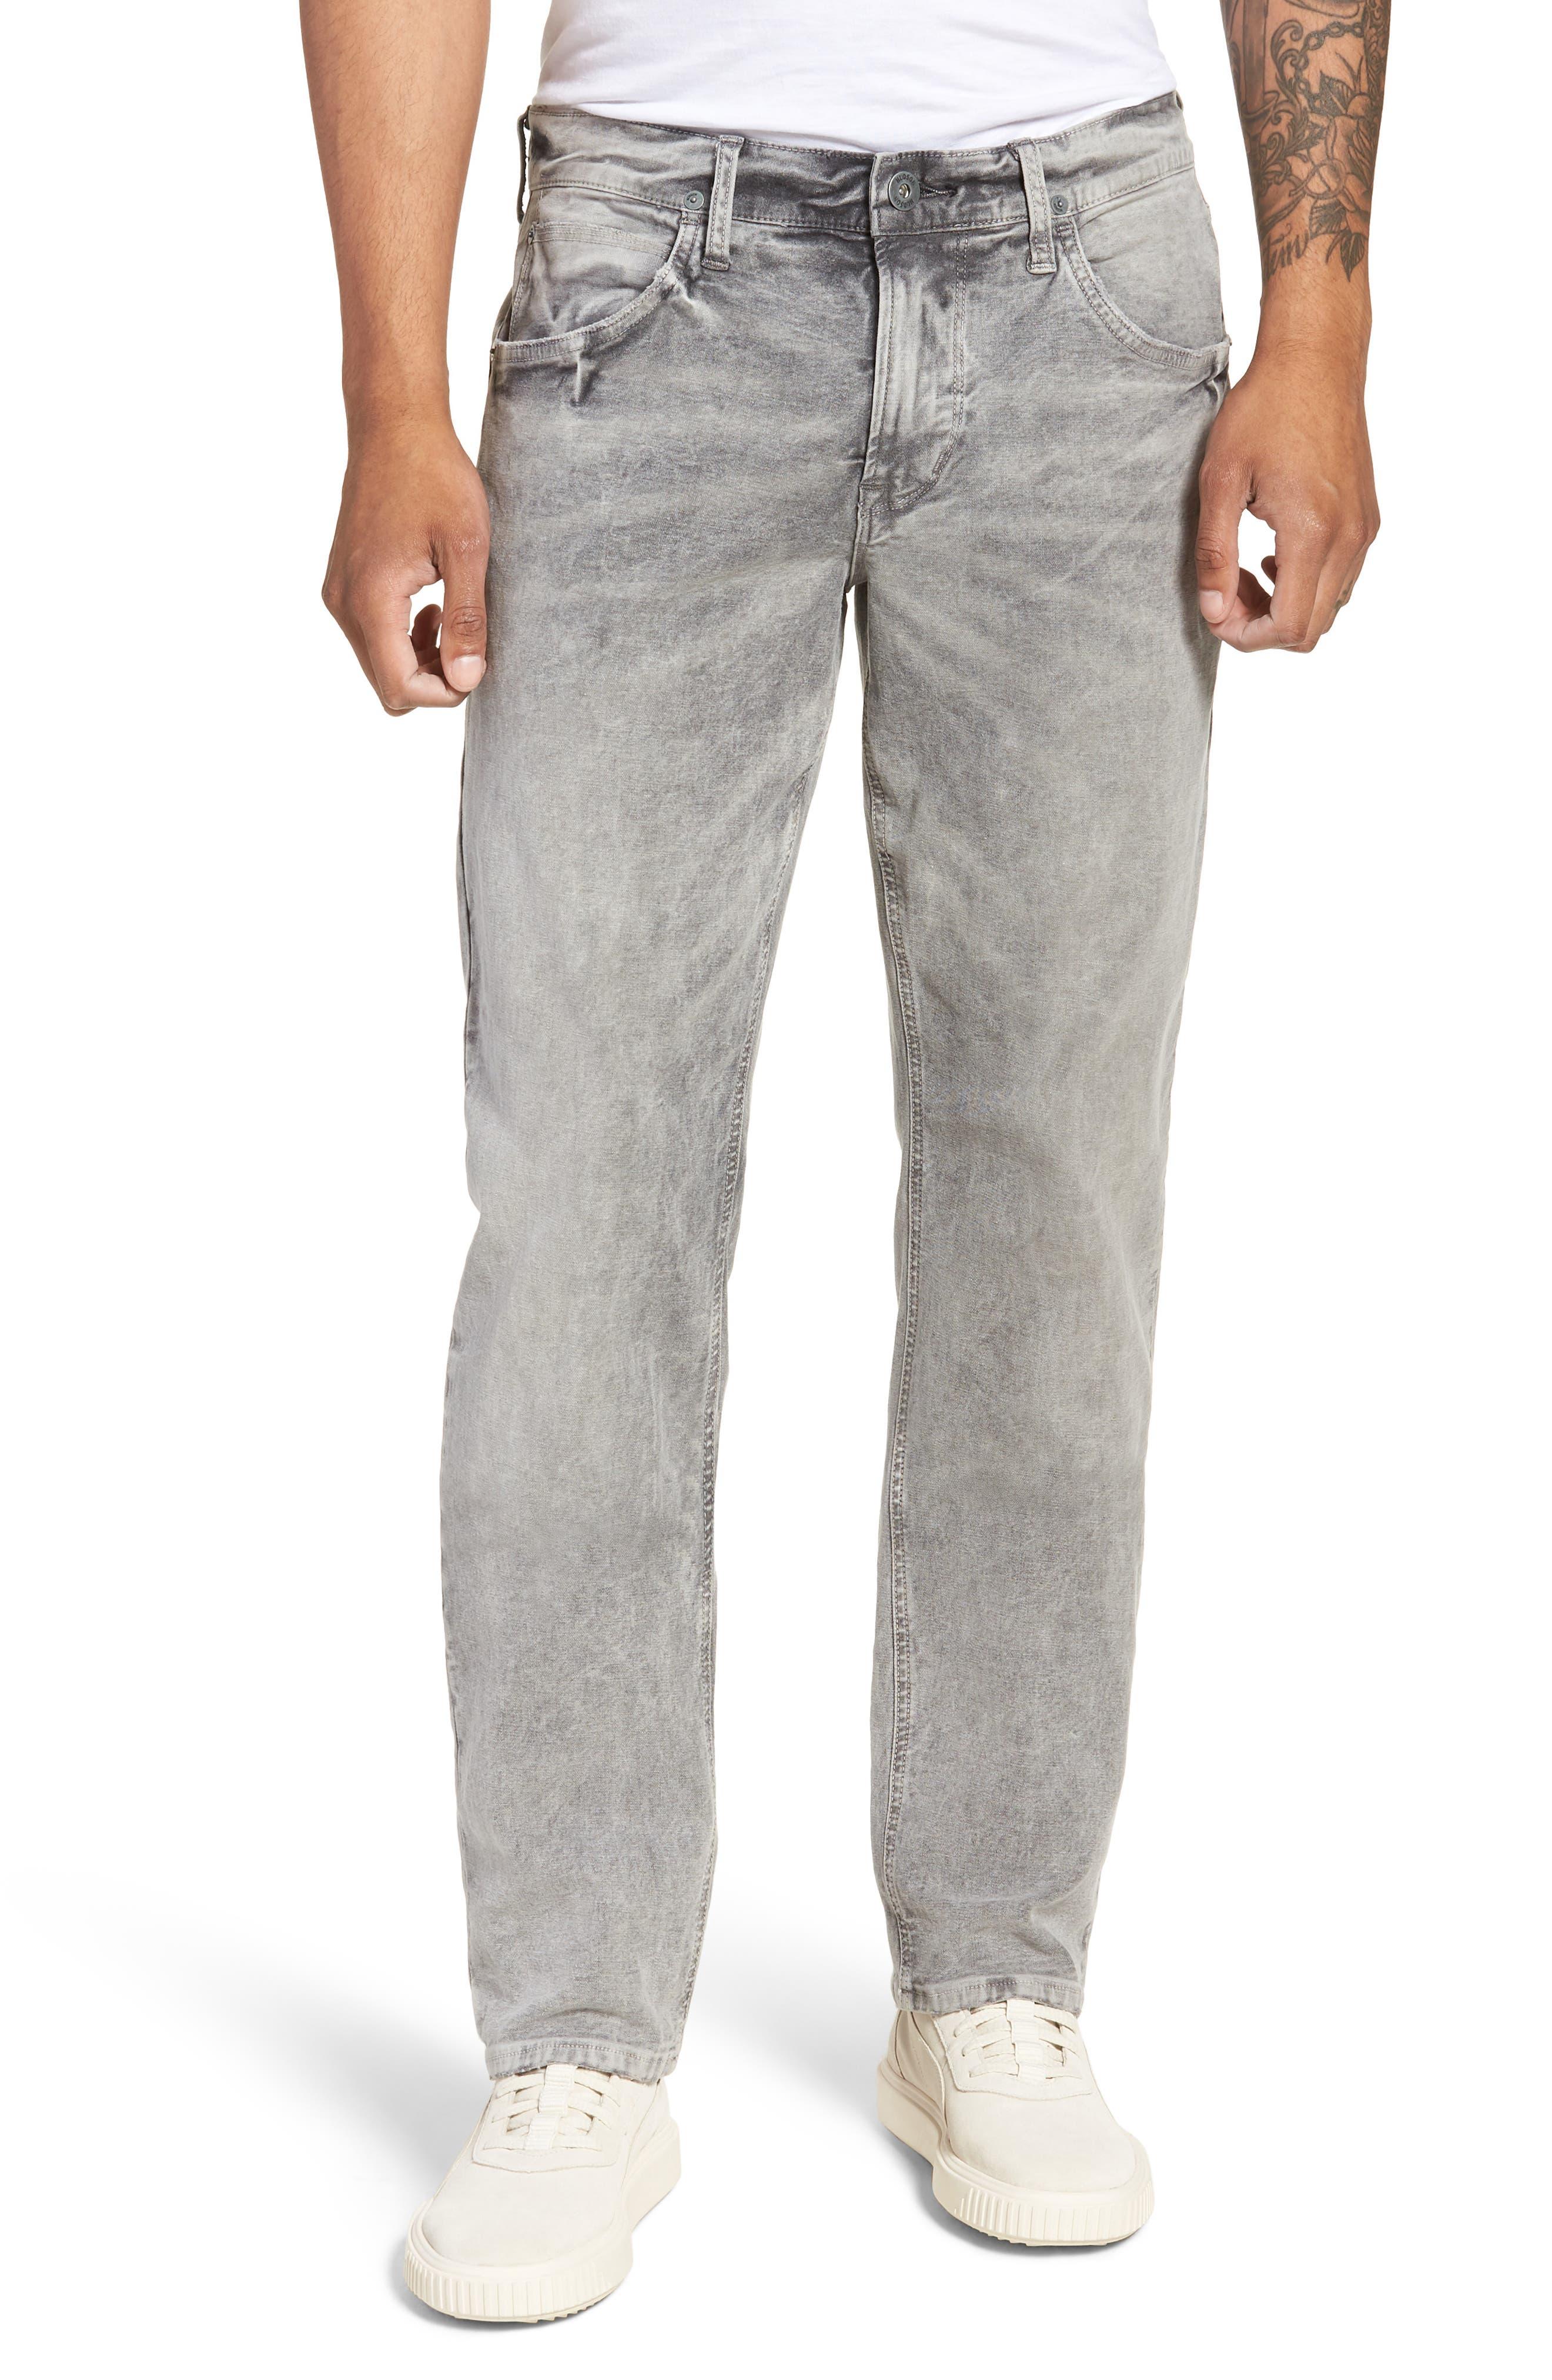 Blake Slim Fit Jeans,                         Main,                         color, 063